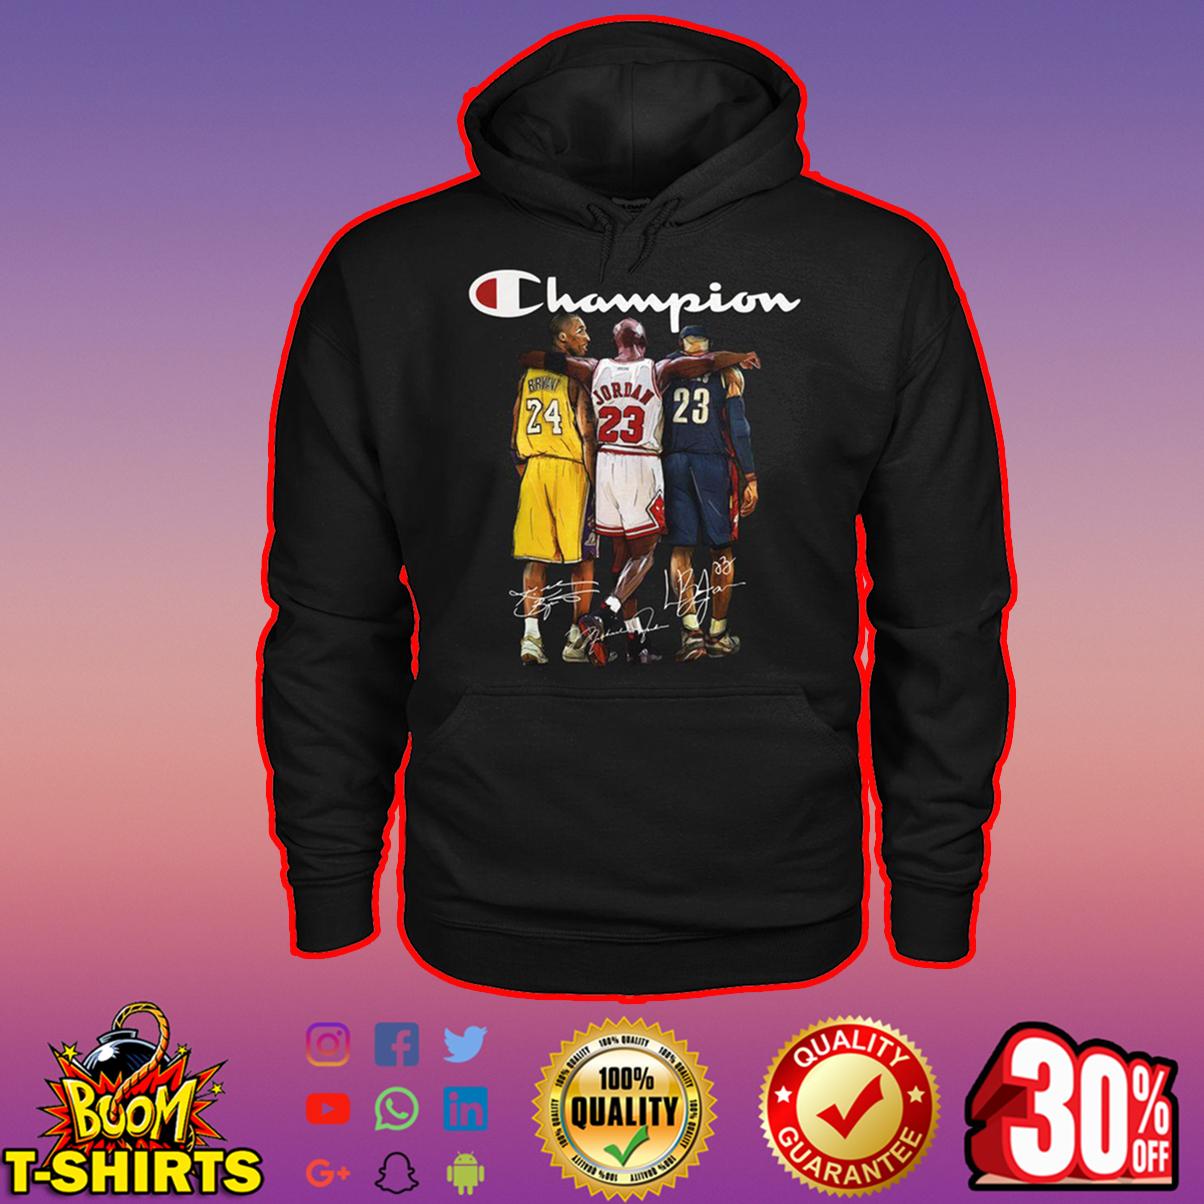 Bryant Jordan LeBron James champion signature hoodie